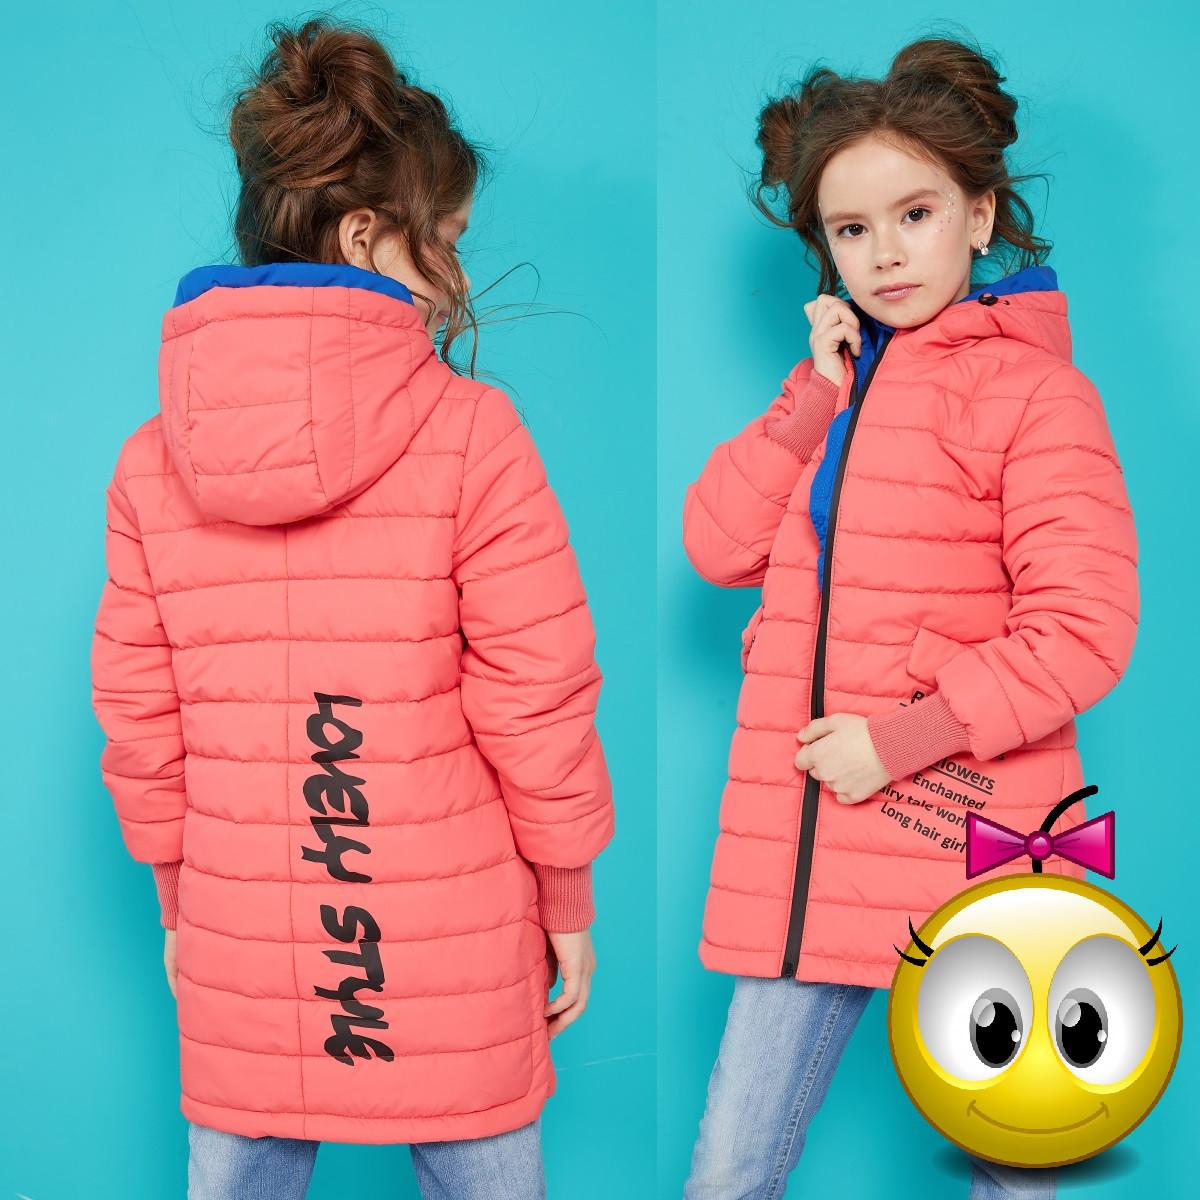 018e3a96a24 Демисезонная куртка для девочки с принтом и капюшоном NW Трикси 19891 Коралл